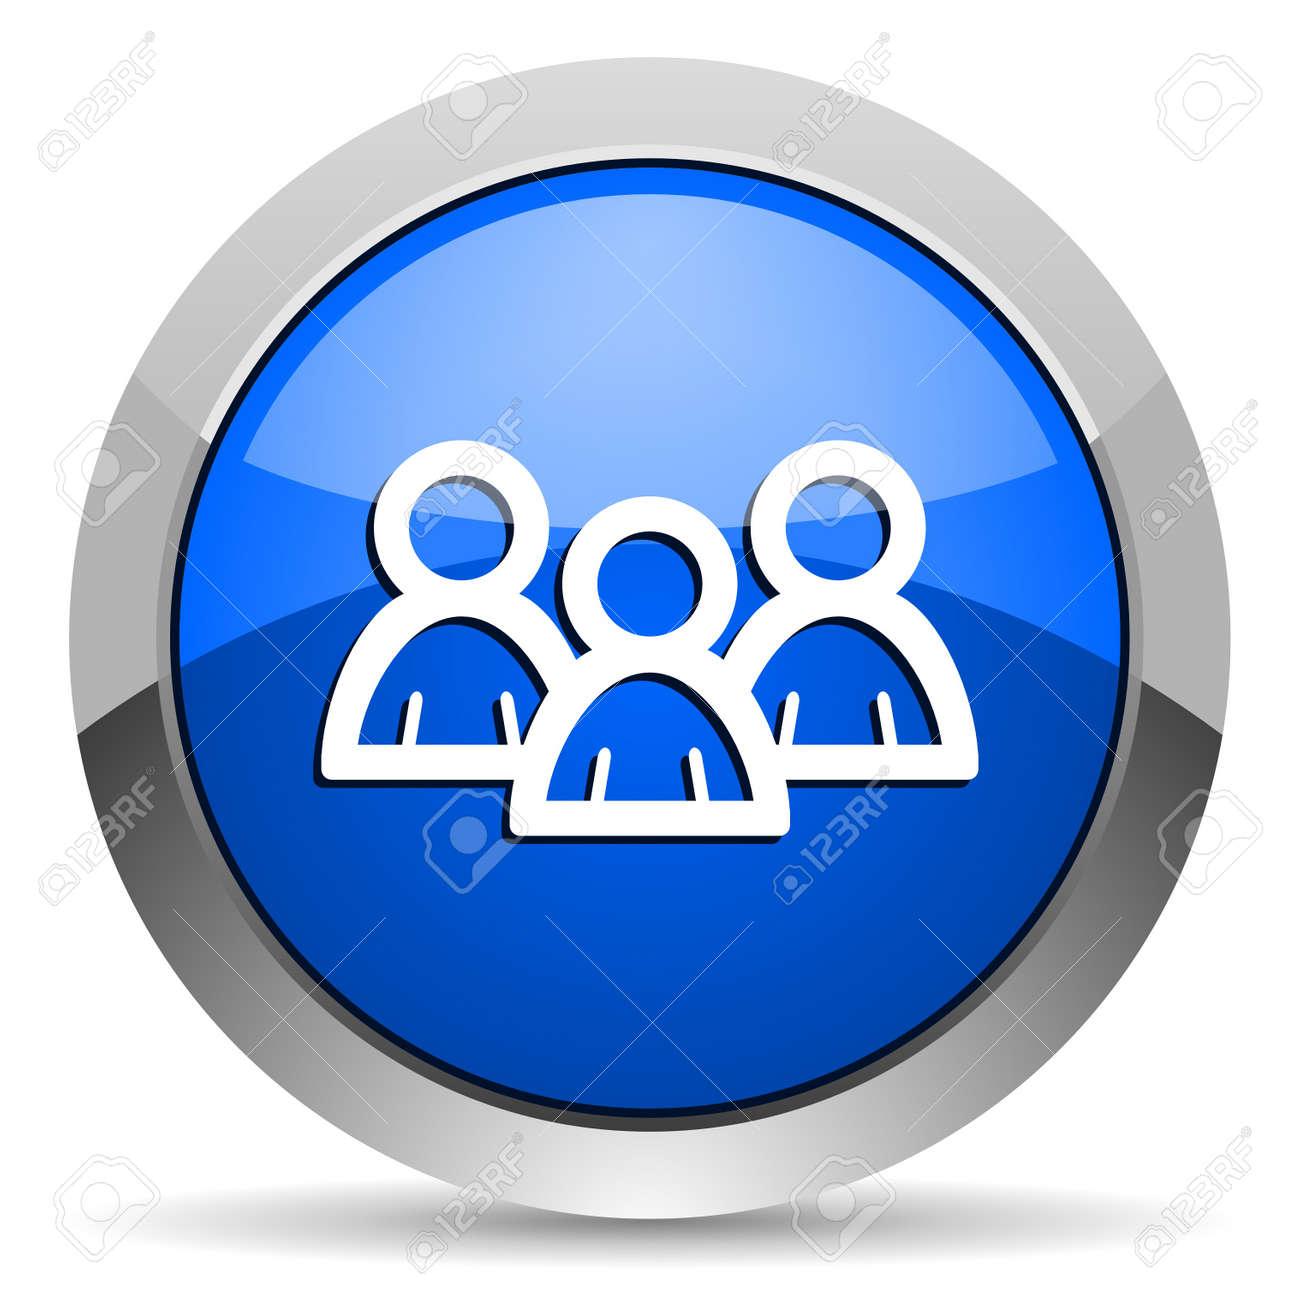 forum icon Stock Photo - 16225761